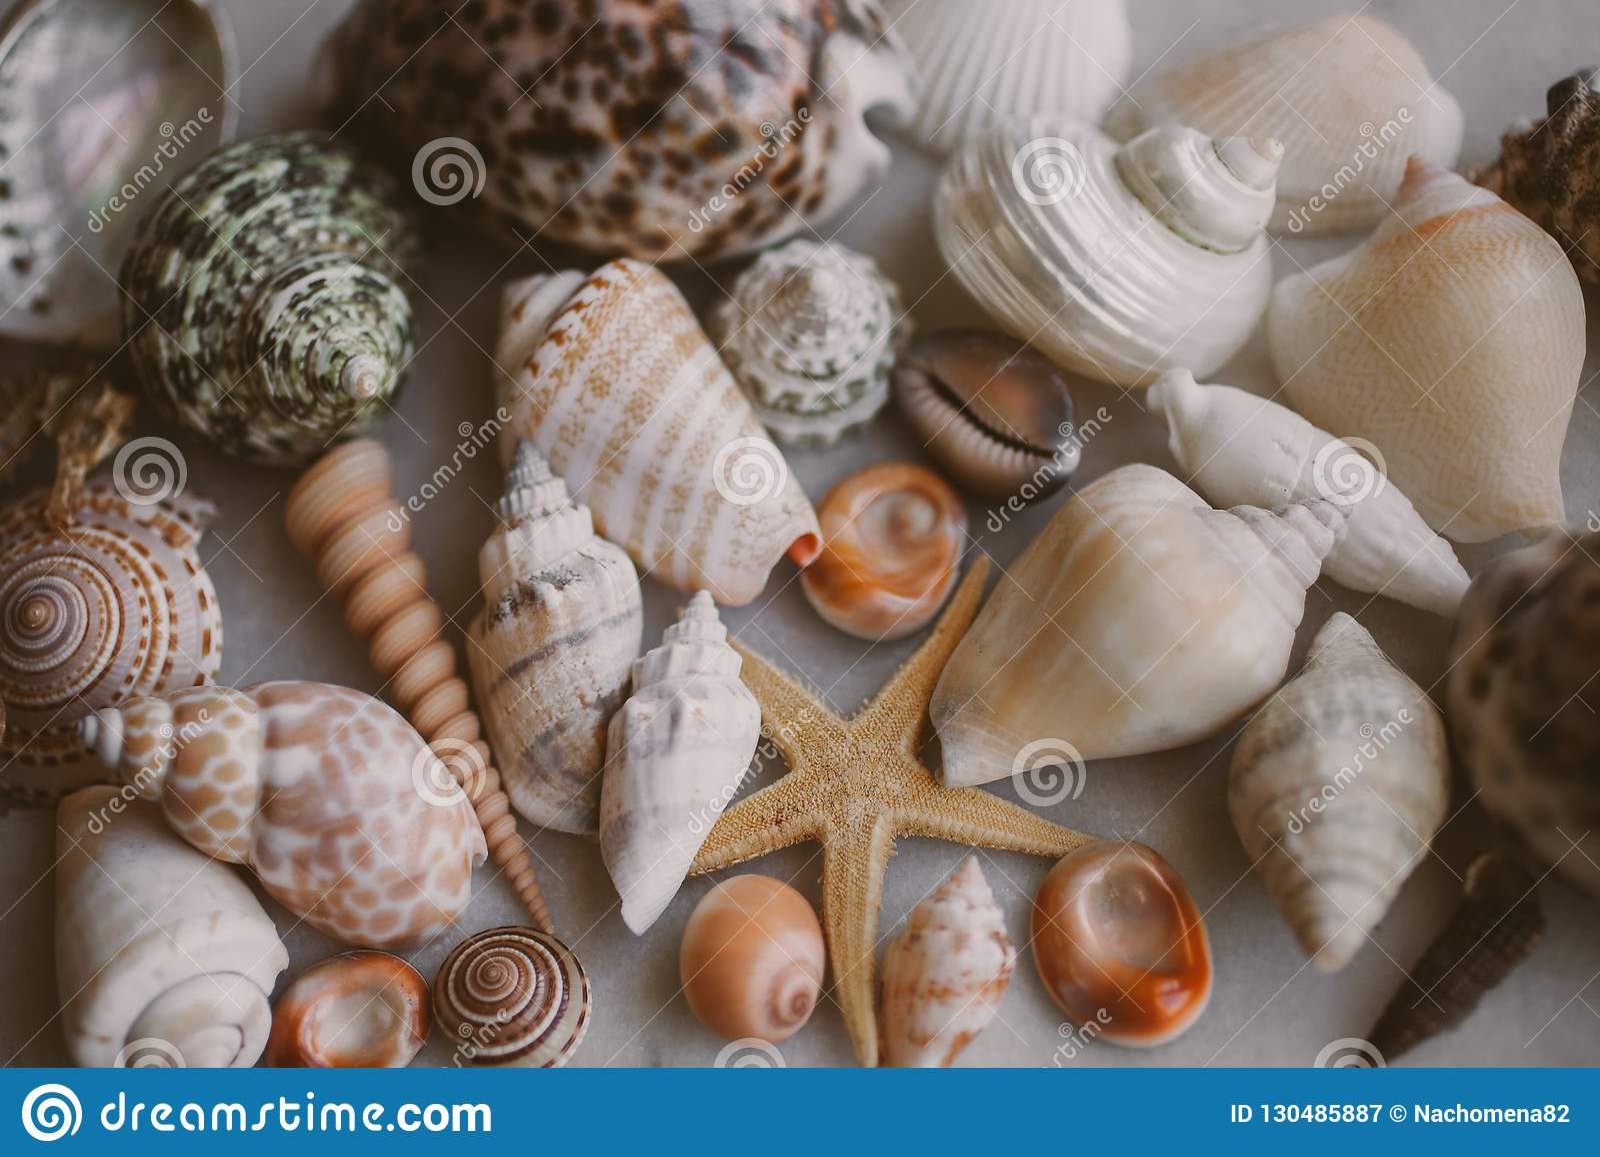 Ramassage de Seashell La vue haute étroite de beaucoup de coquillages a empilé ensemble comme texture et fond